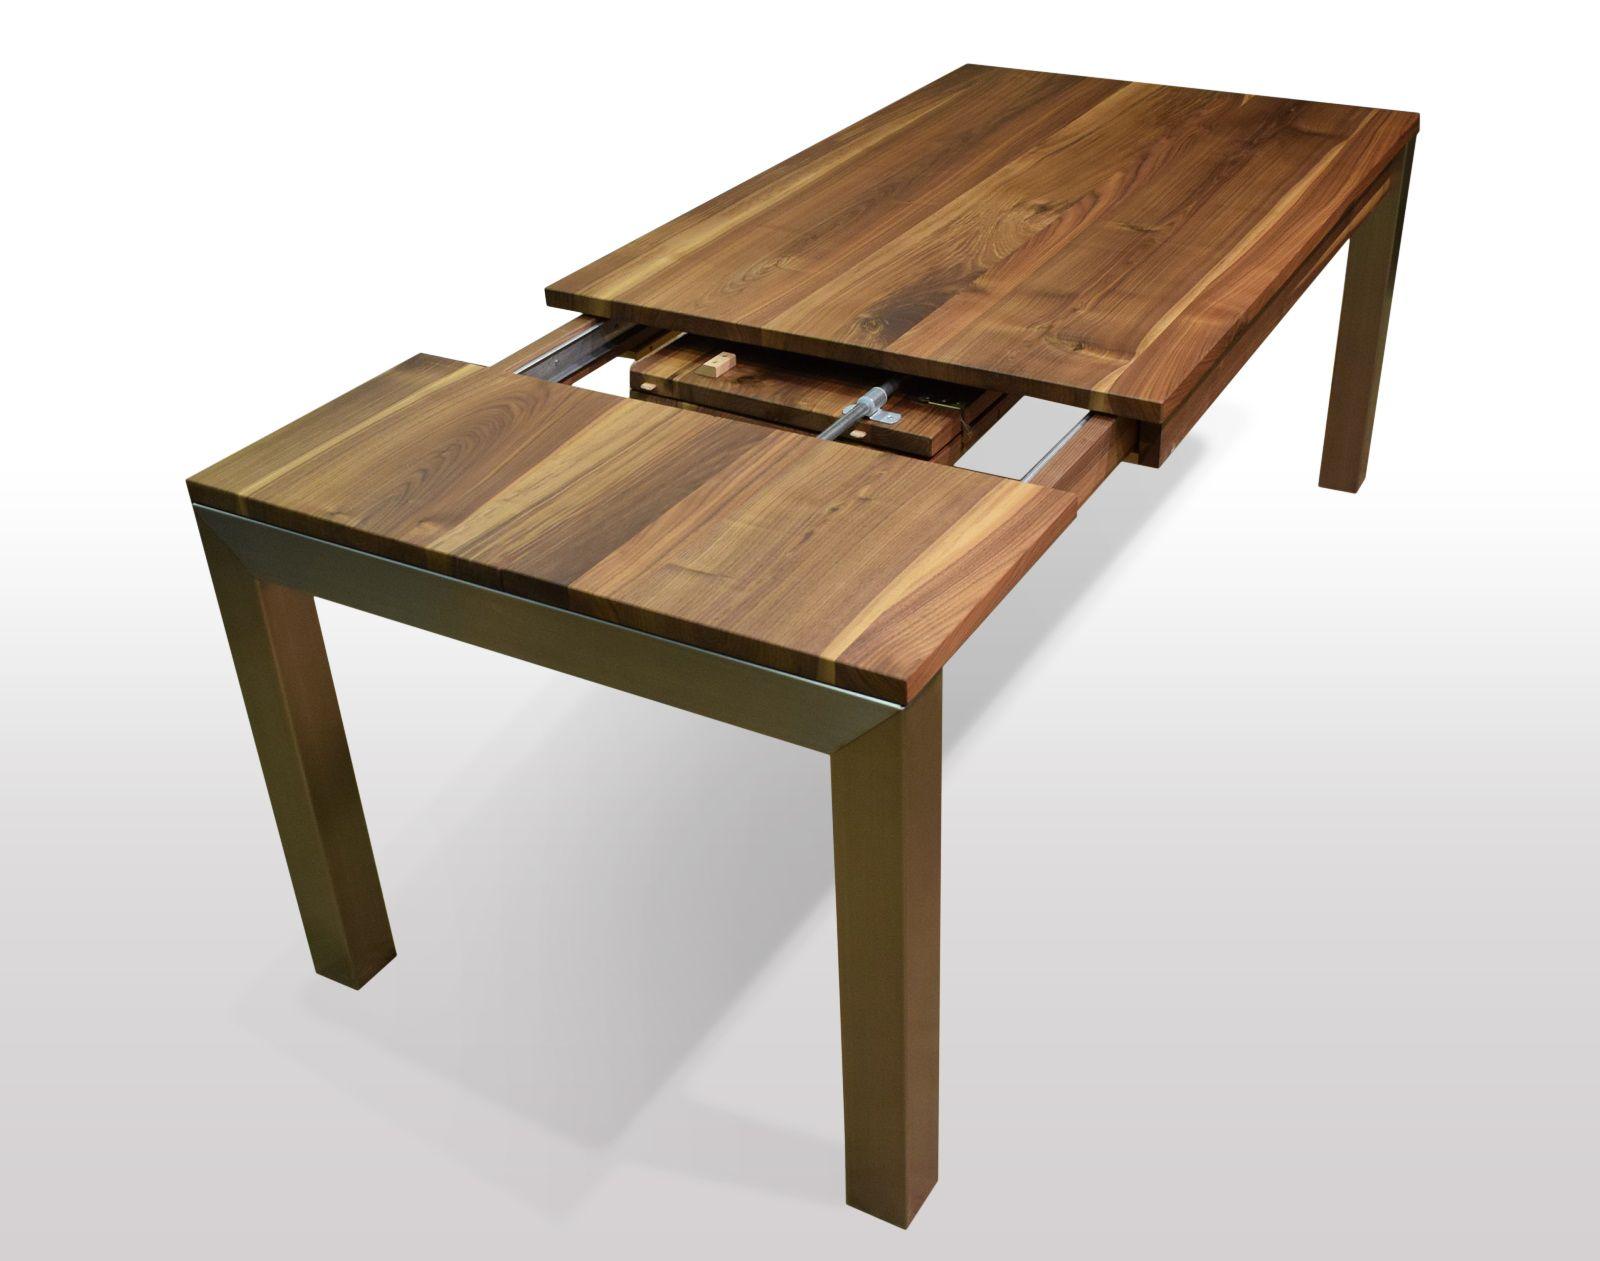 Tisch Nussbaum massiv Breite 80cm / Länge wählbar (mit